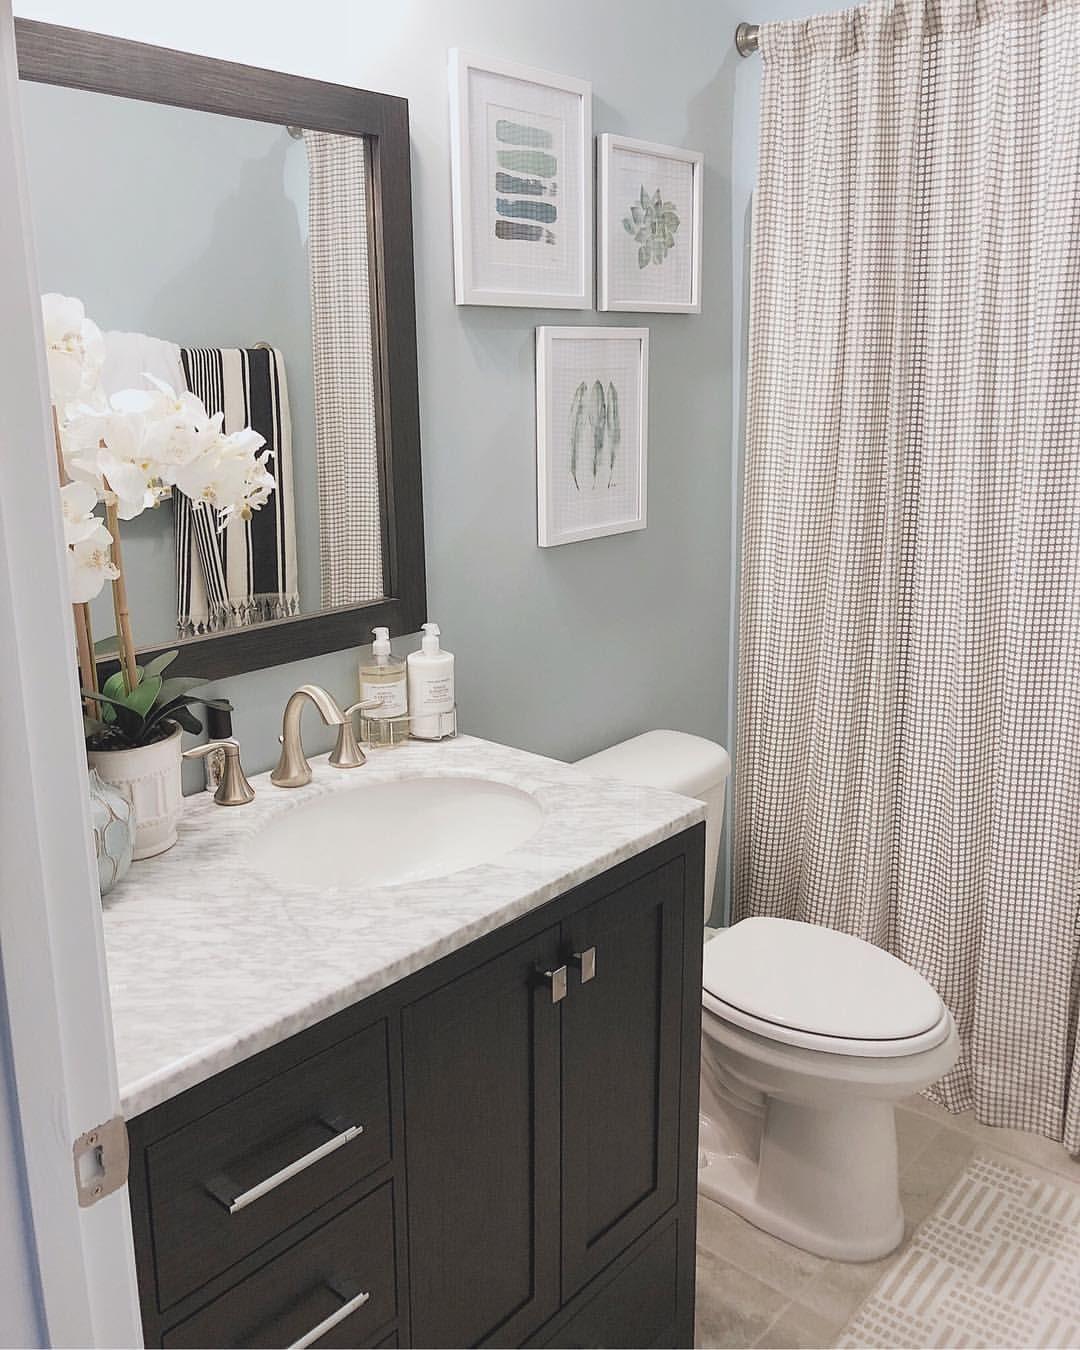 23 Kids Bathroom Design Ideas To Brighten Up Your Home Kids